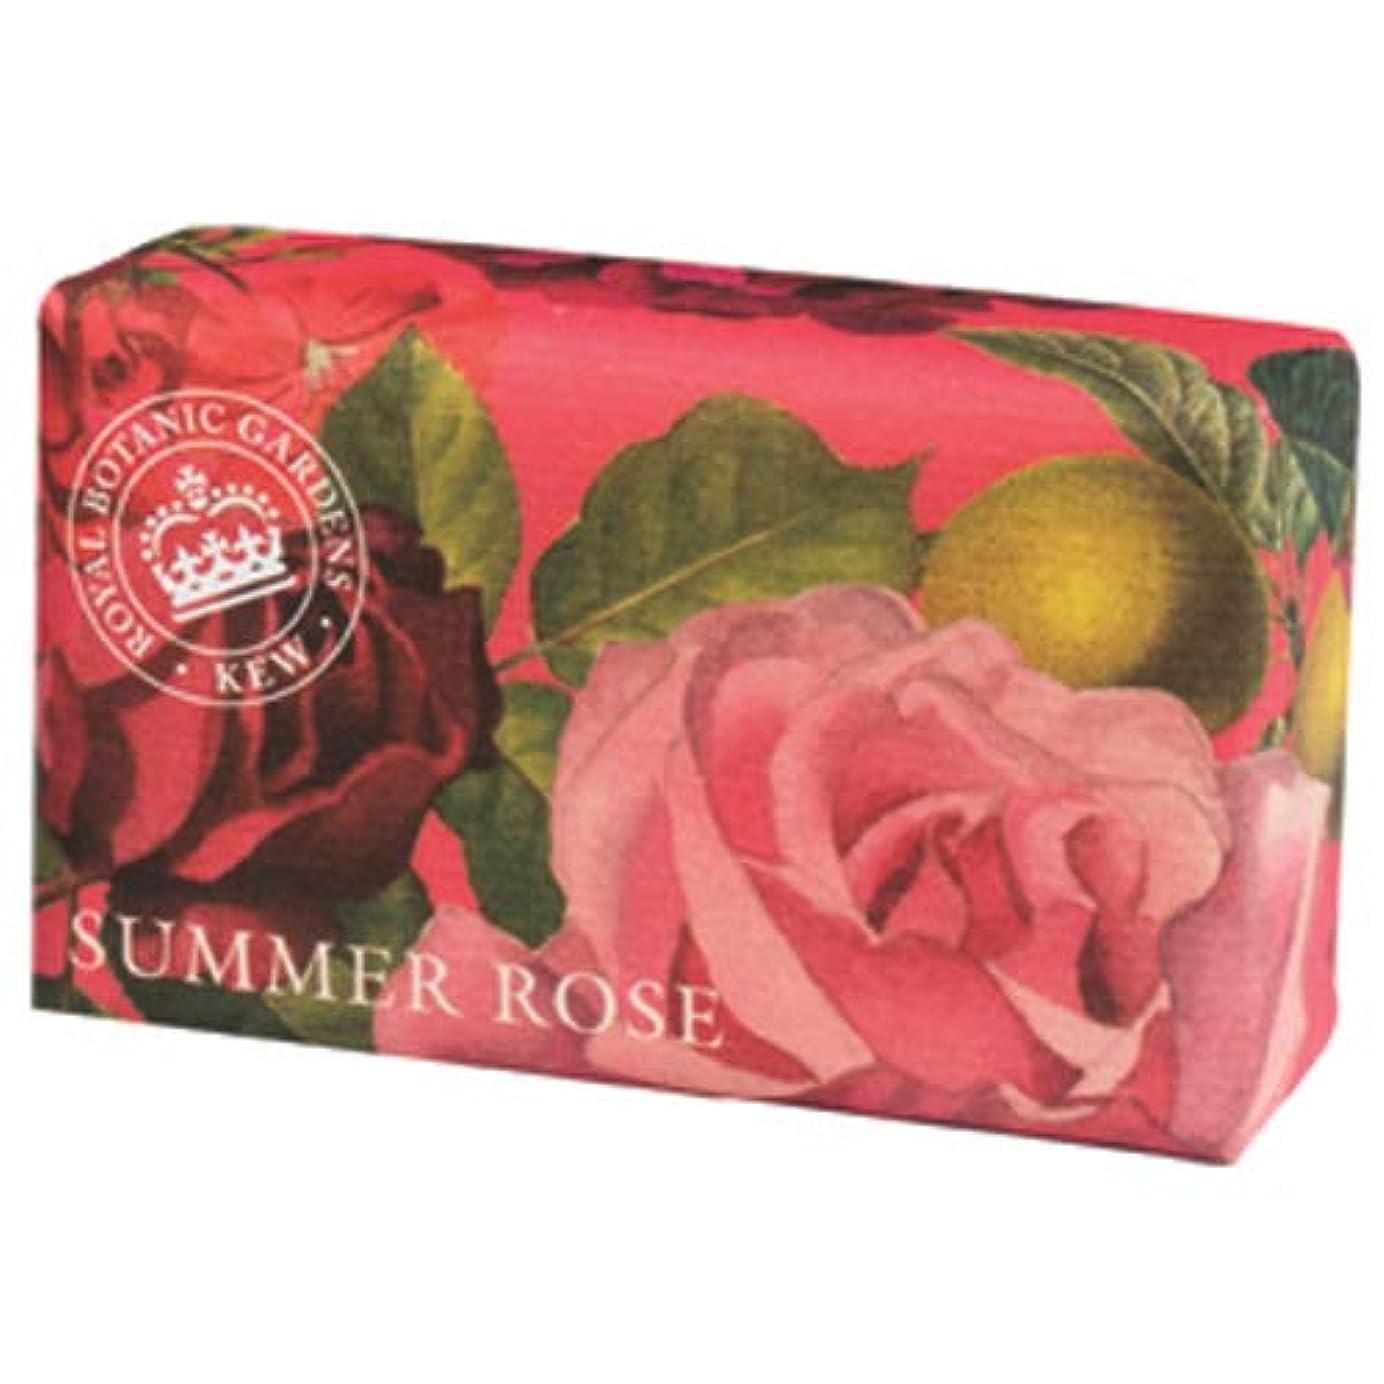 書き出す生き返らせる素晴らしいです三和トレーディング English Soap Company イングリッシュソープカンパニー KEW GARDEN キュー?ガーデン Luxury Shea Soaps シアソープ Summer Rose サマーローズ